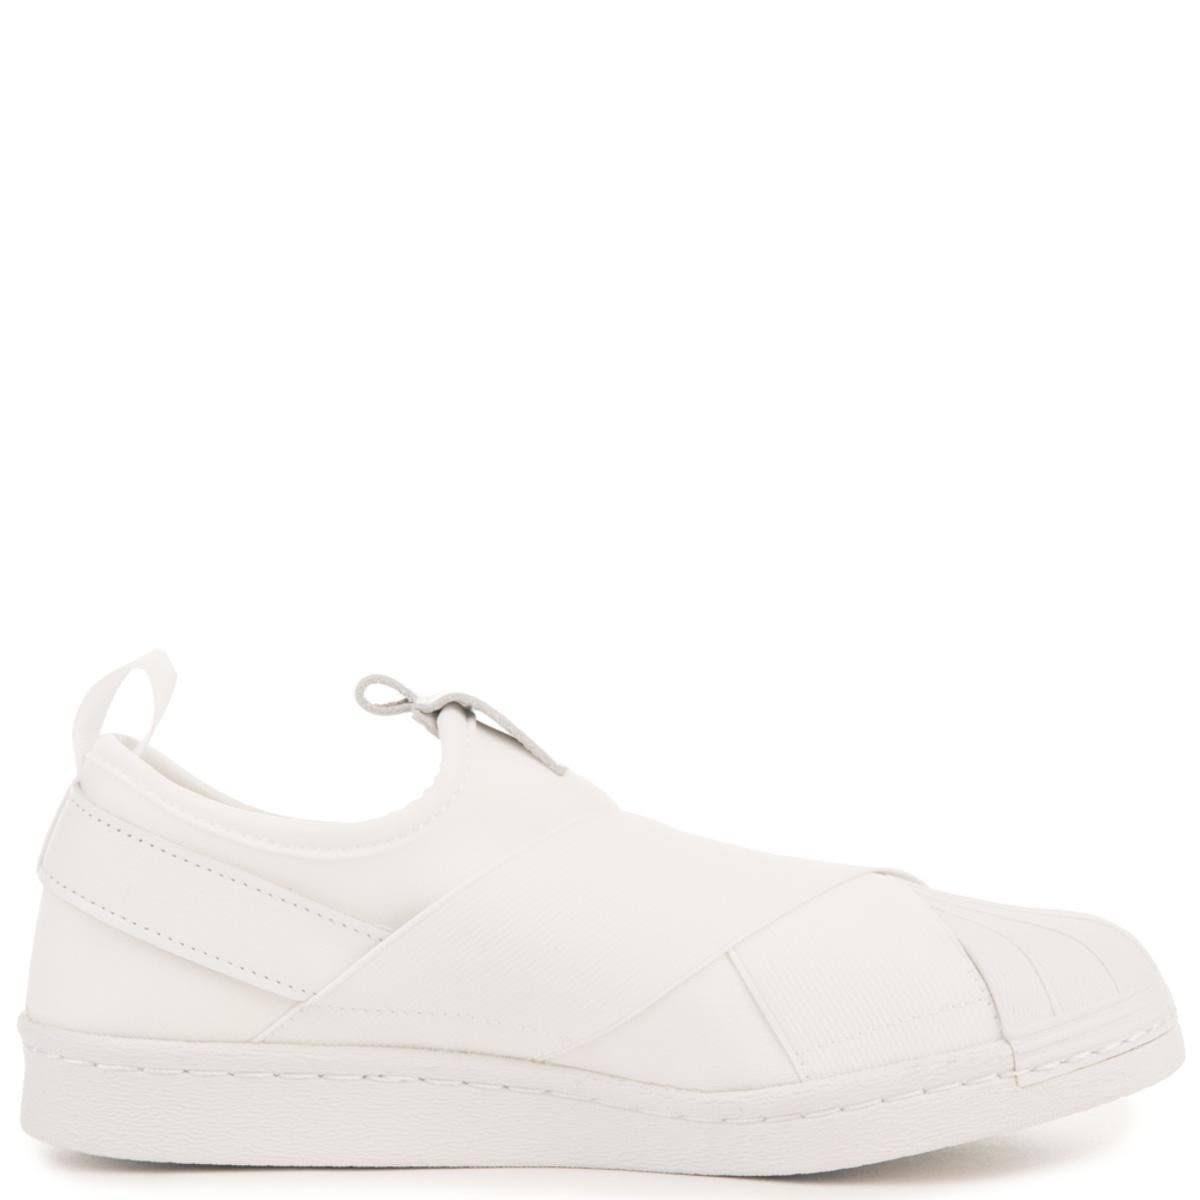 dameswit10 Originals voor Instappers Adidas Superstar Sneaker VUSqzMp